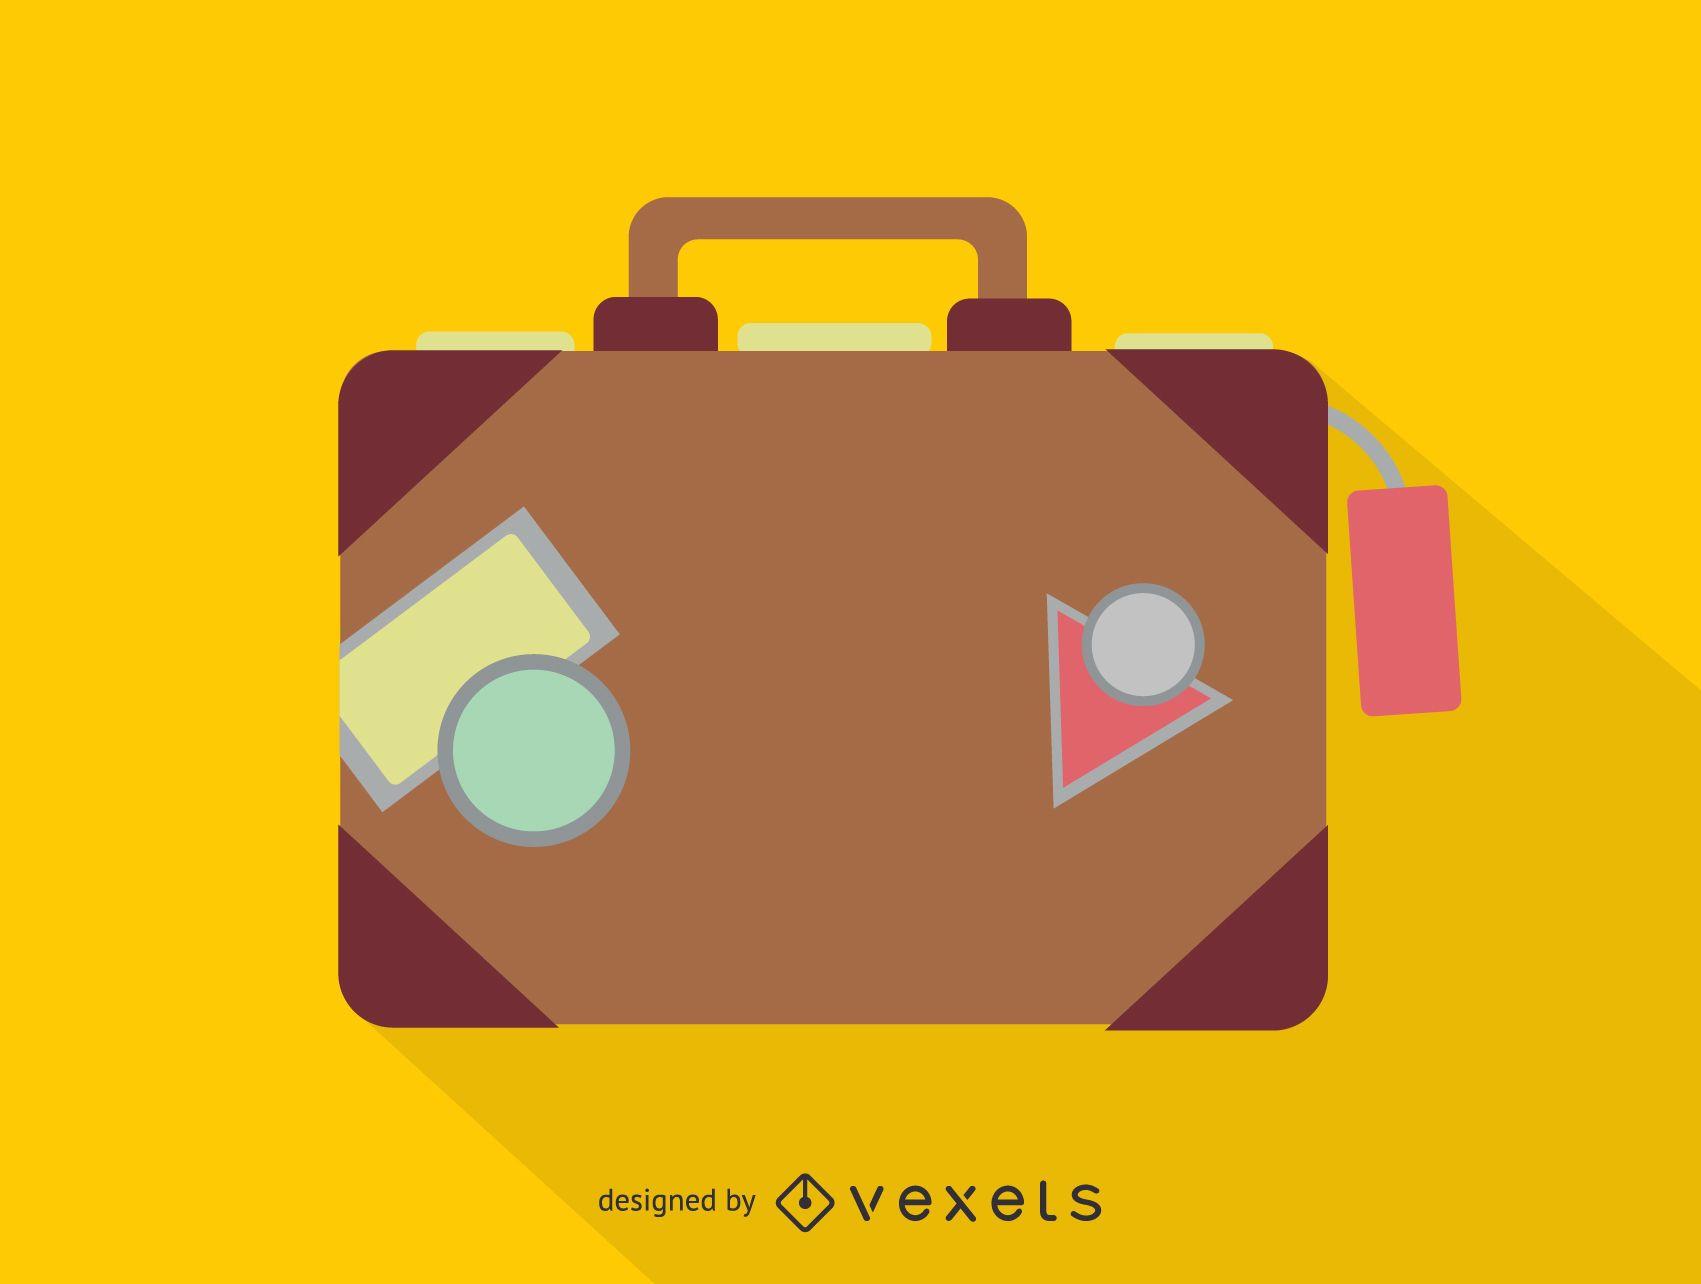 Travel luggage suitcase icon